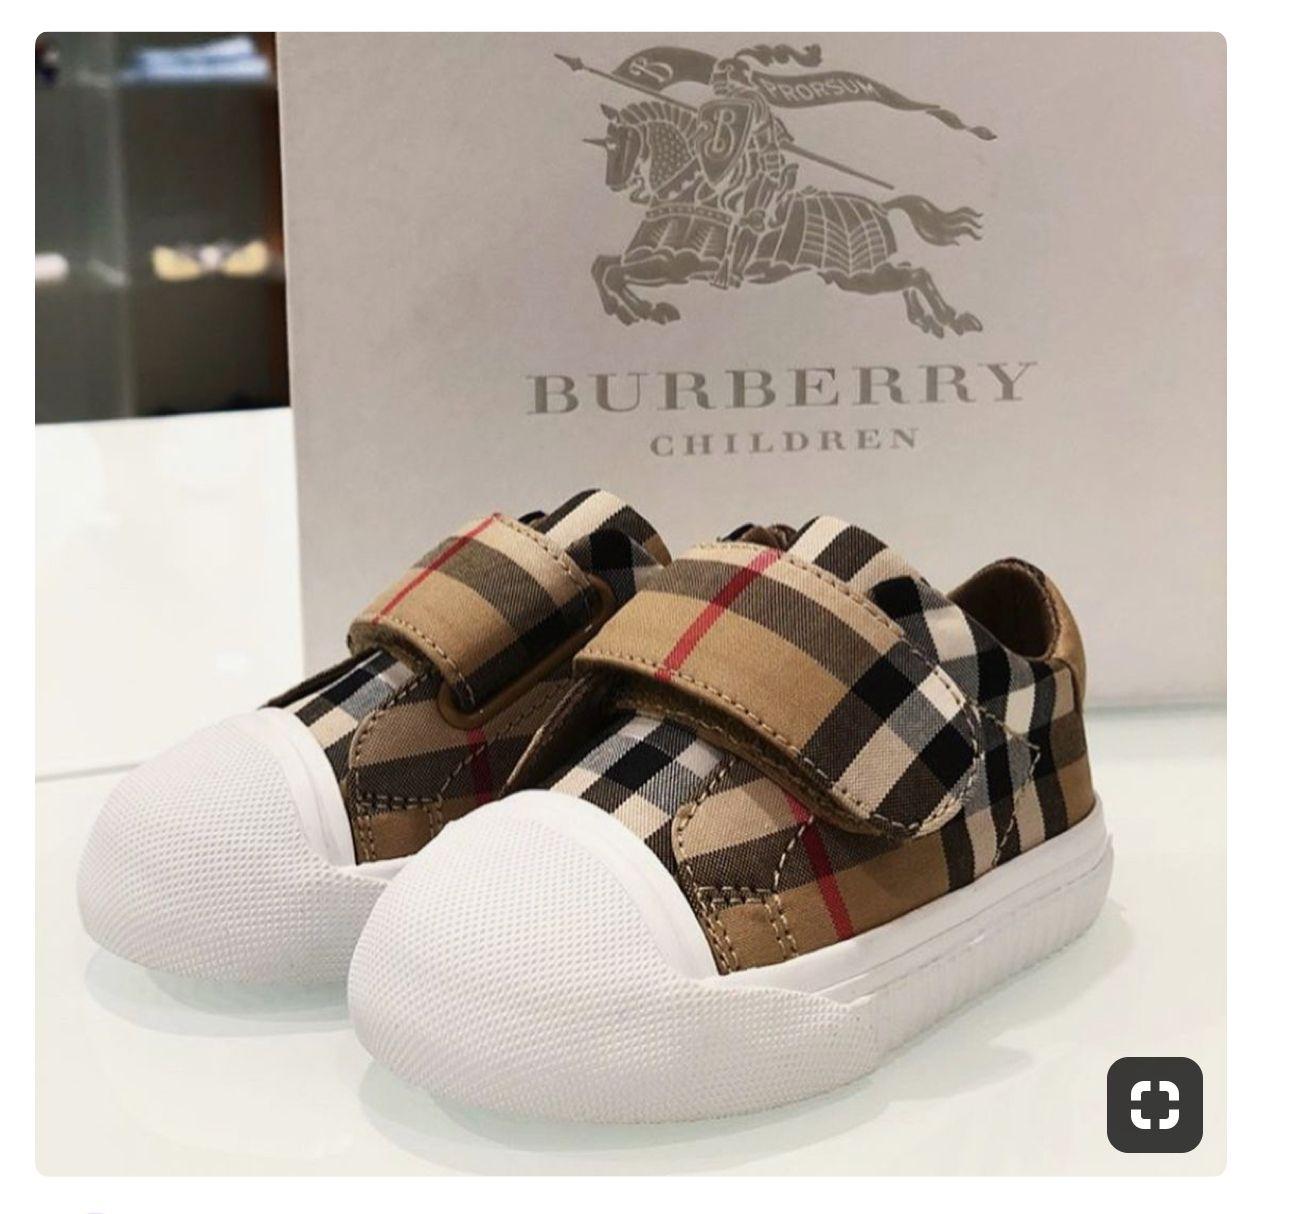 BURBERRY KIDS SNEAKERS 💕💕💕💕 | Cute baby